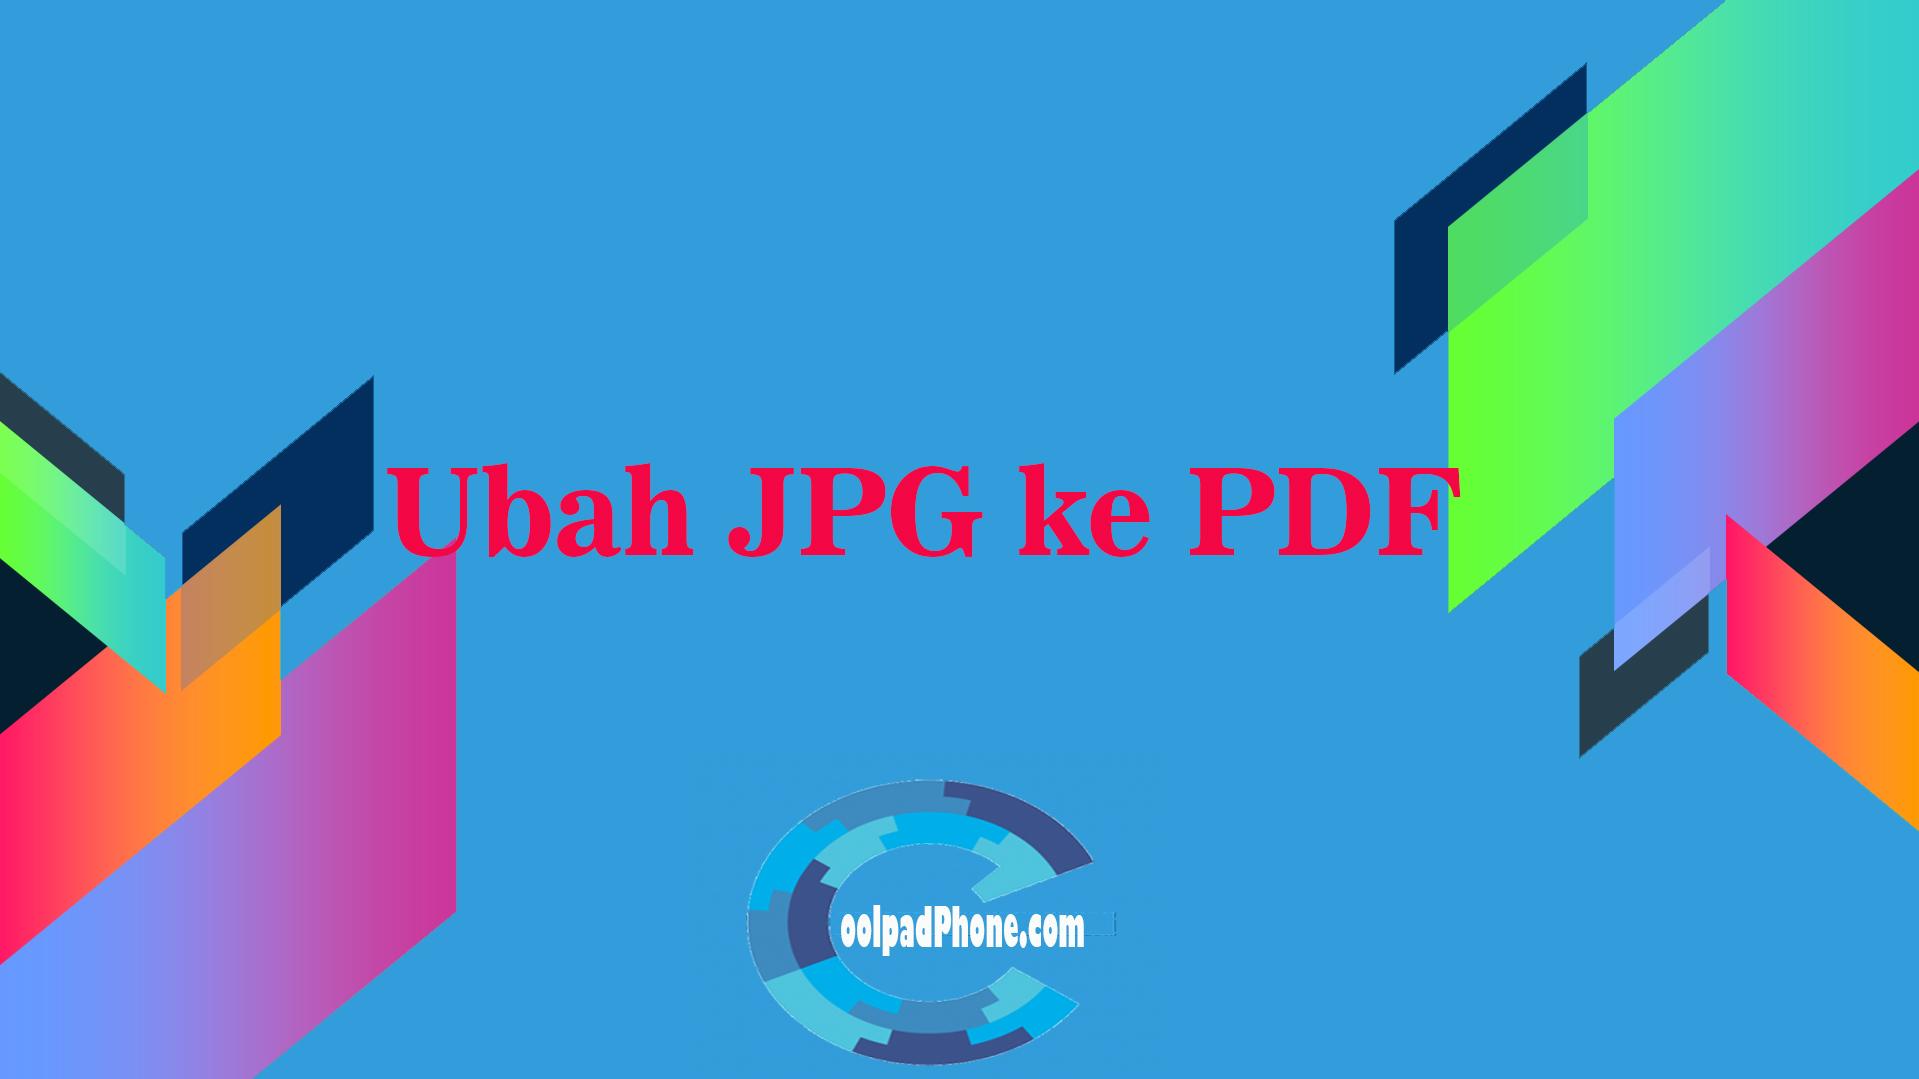 Ubah JPG ke PDF